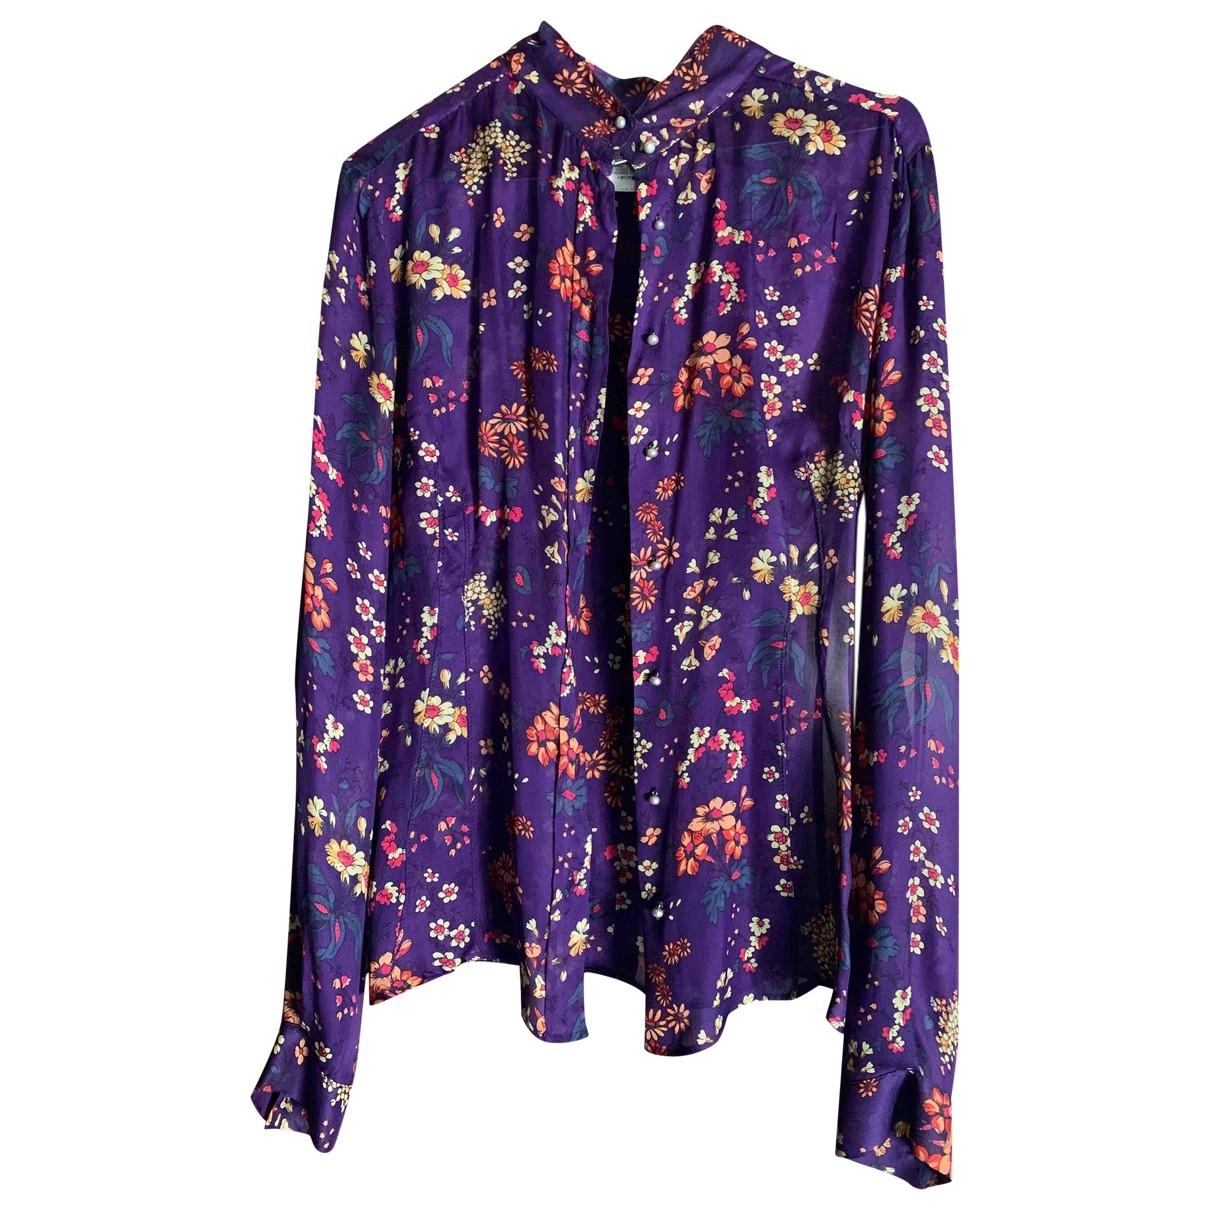 D&g - Top   pour femme en soie - violet